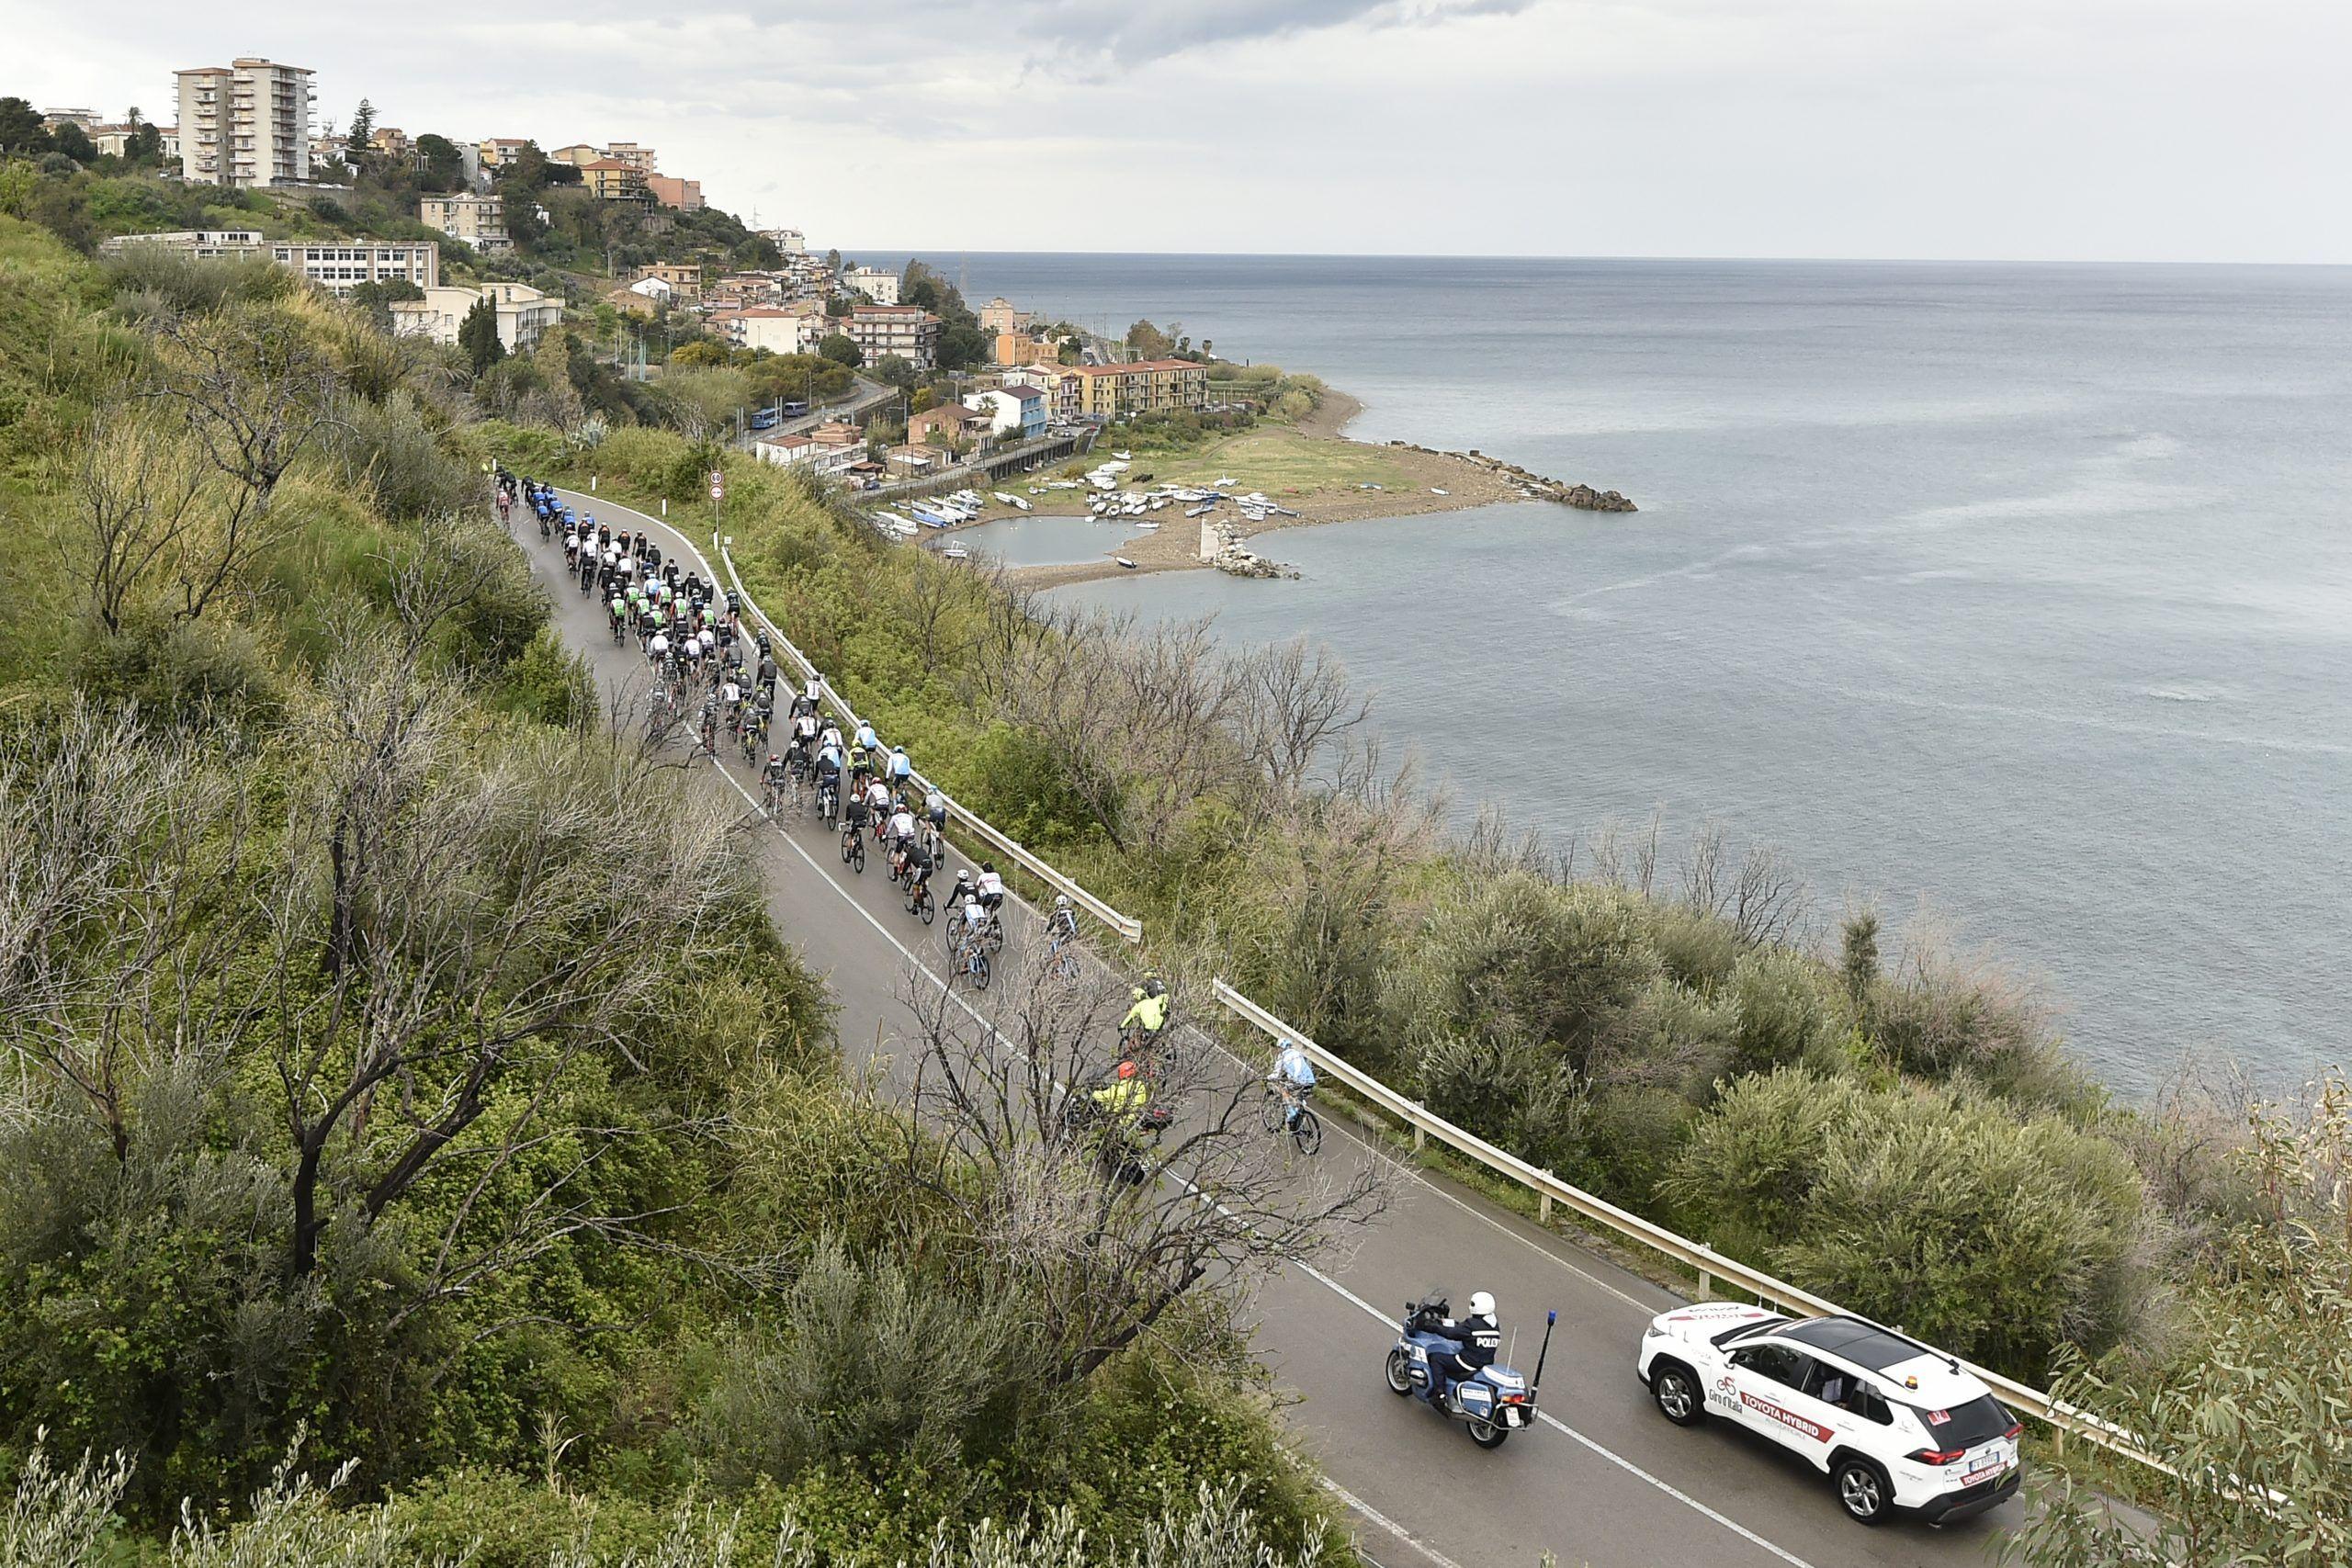 Torna il Giro di Sicilia, gloriosa corsa a tappe sull'Isola